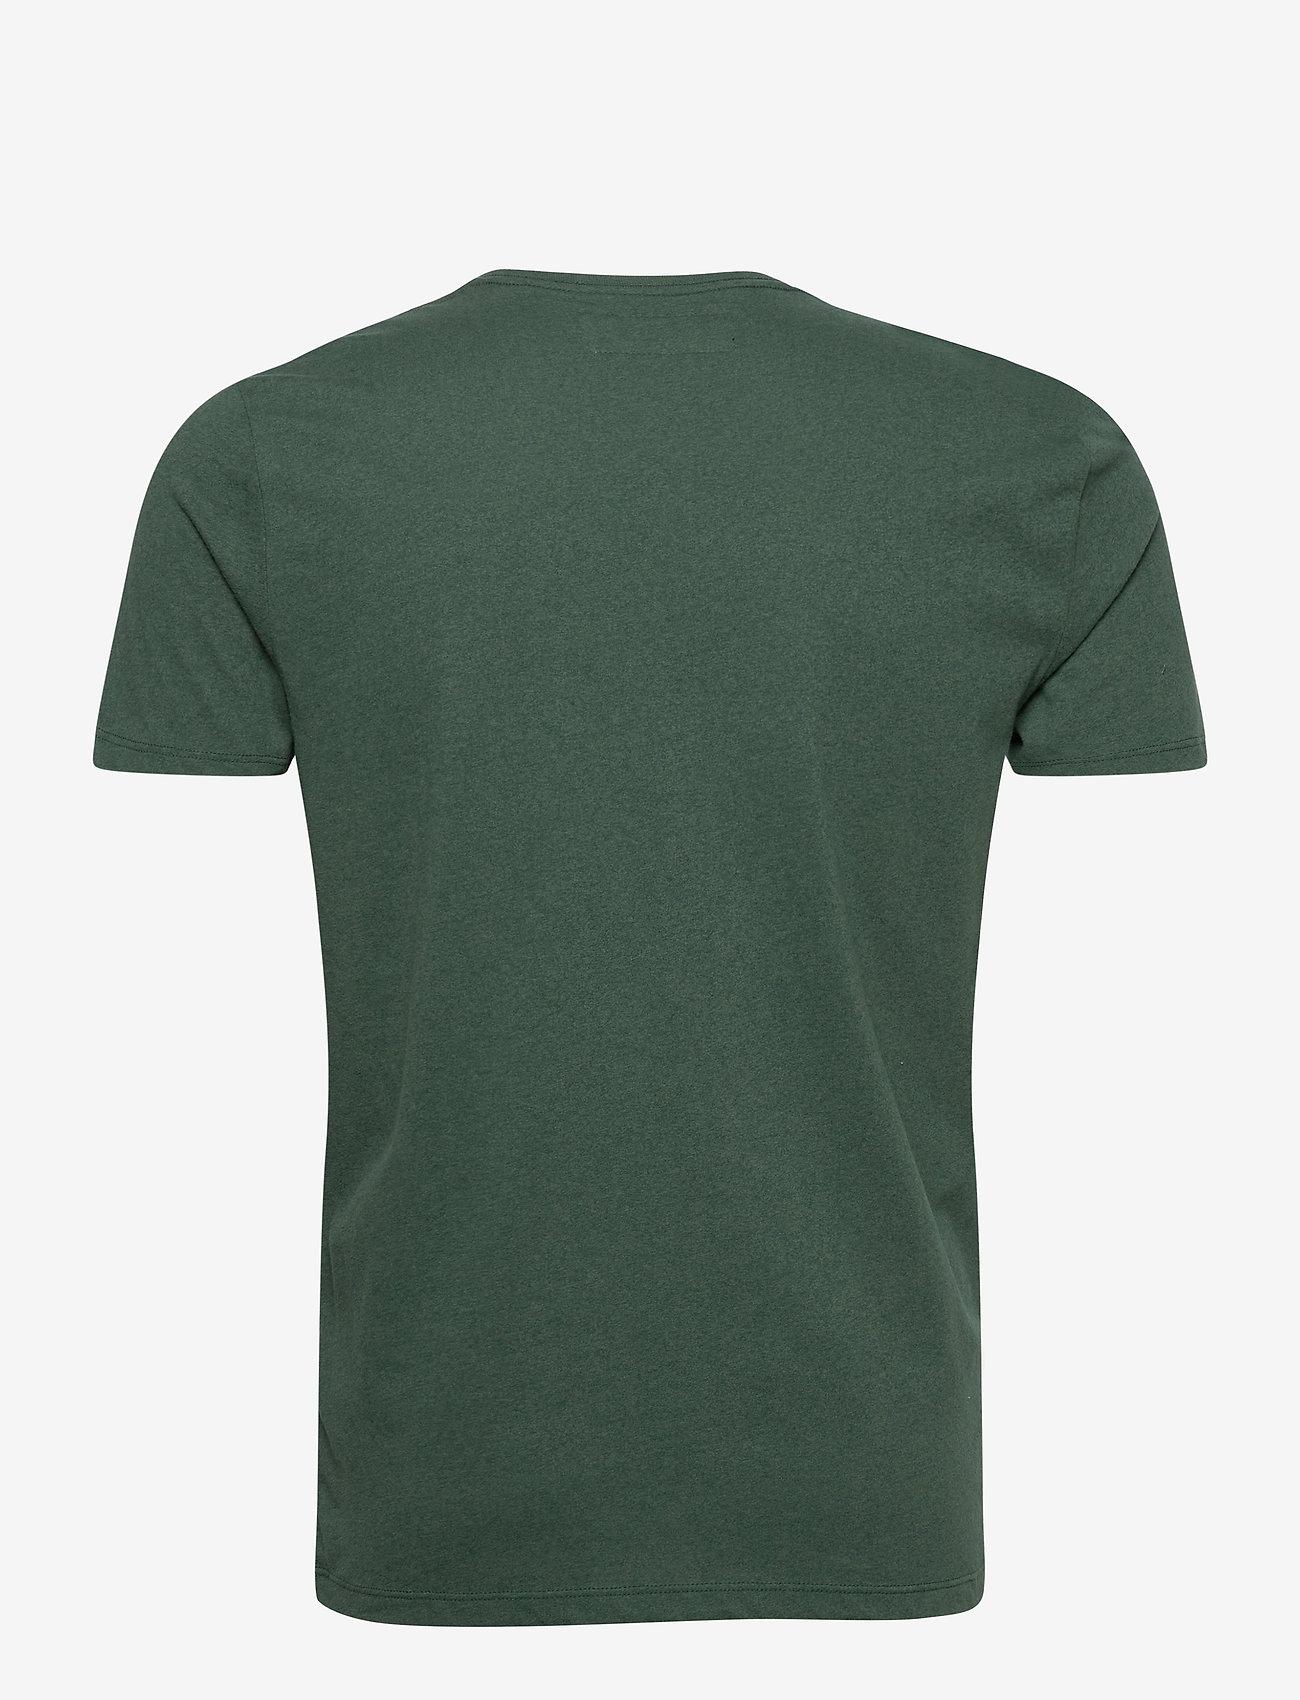 Abercrombie & Fitch Icon Vee - T-skjorter GREEN DD - Menn Klær